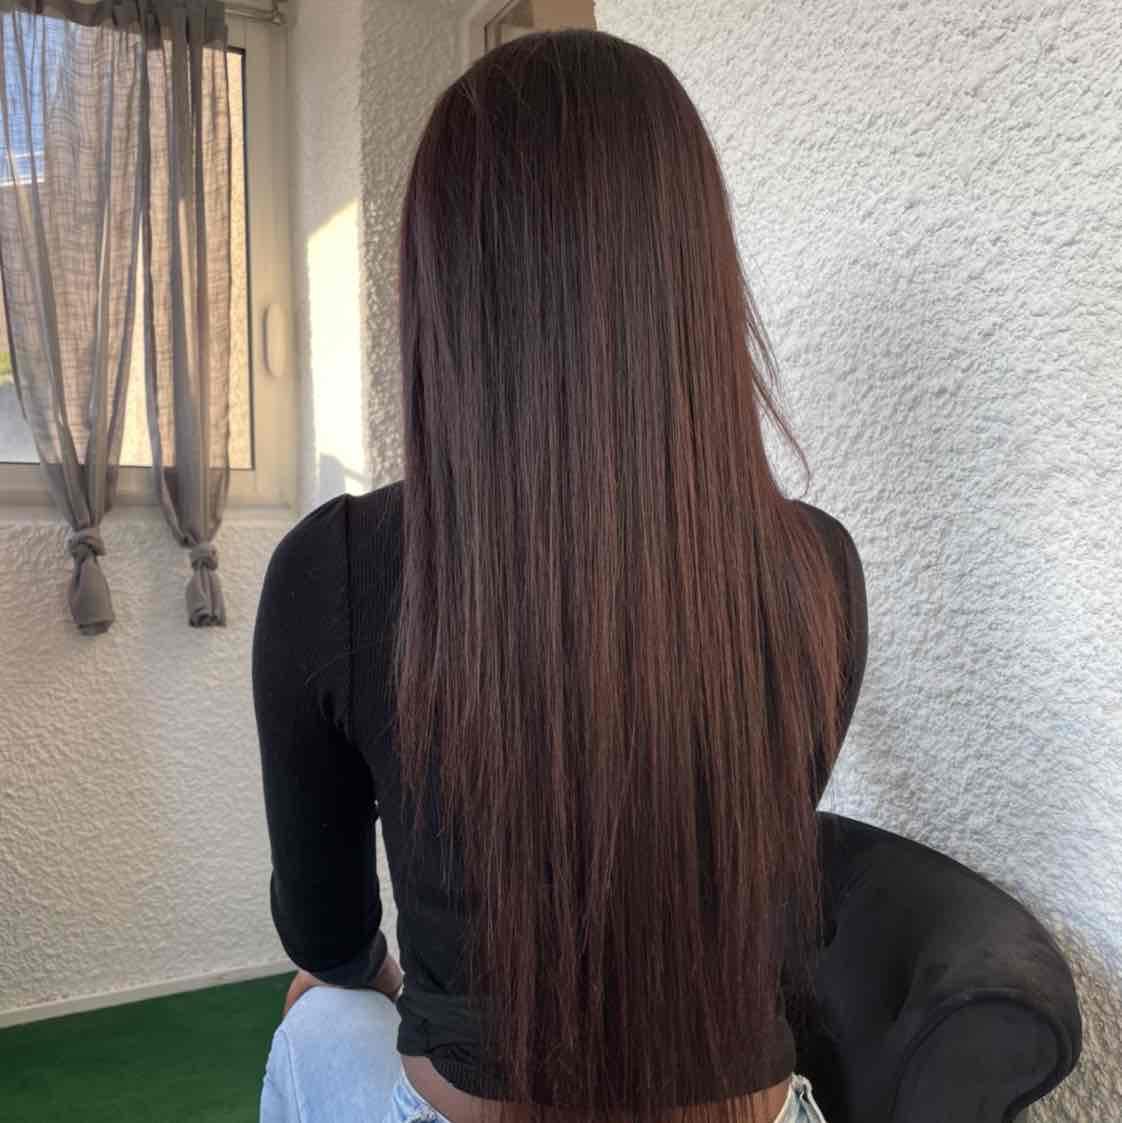 salon de coiffure afro tresse tresses box braids crochet braids vanilles tissages paris 75 77 78 91 92 93 94 95 SHZERTMS